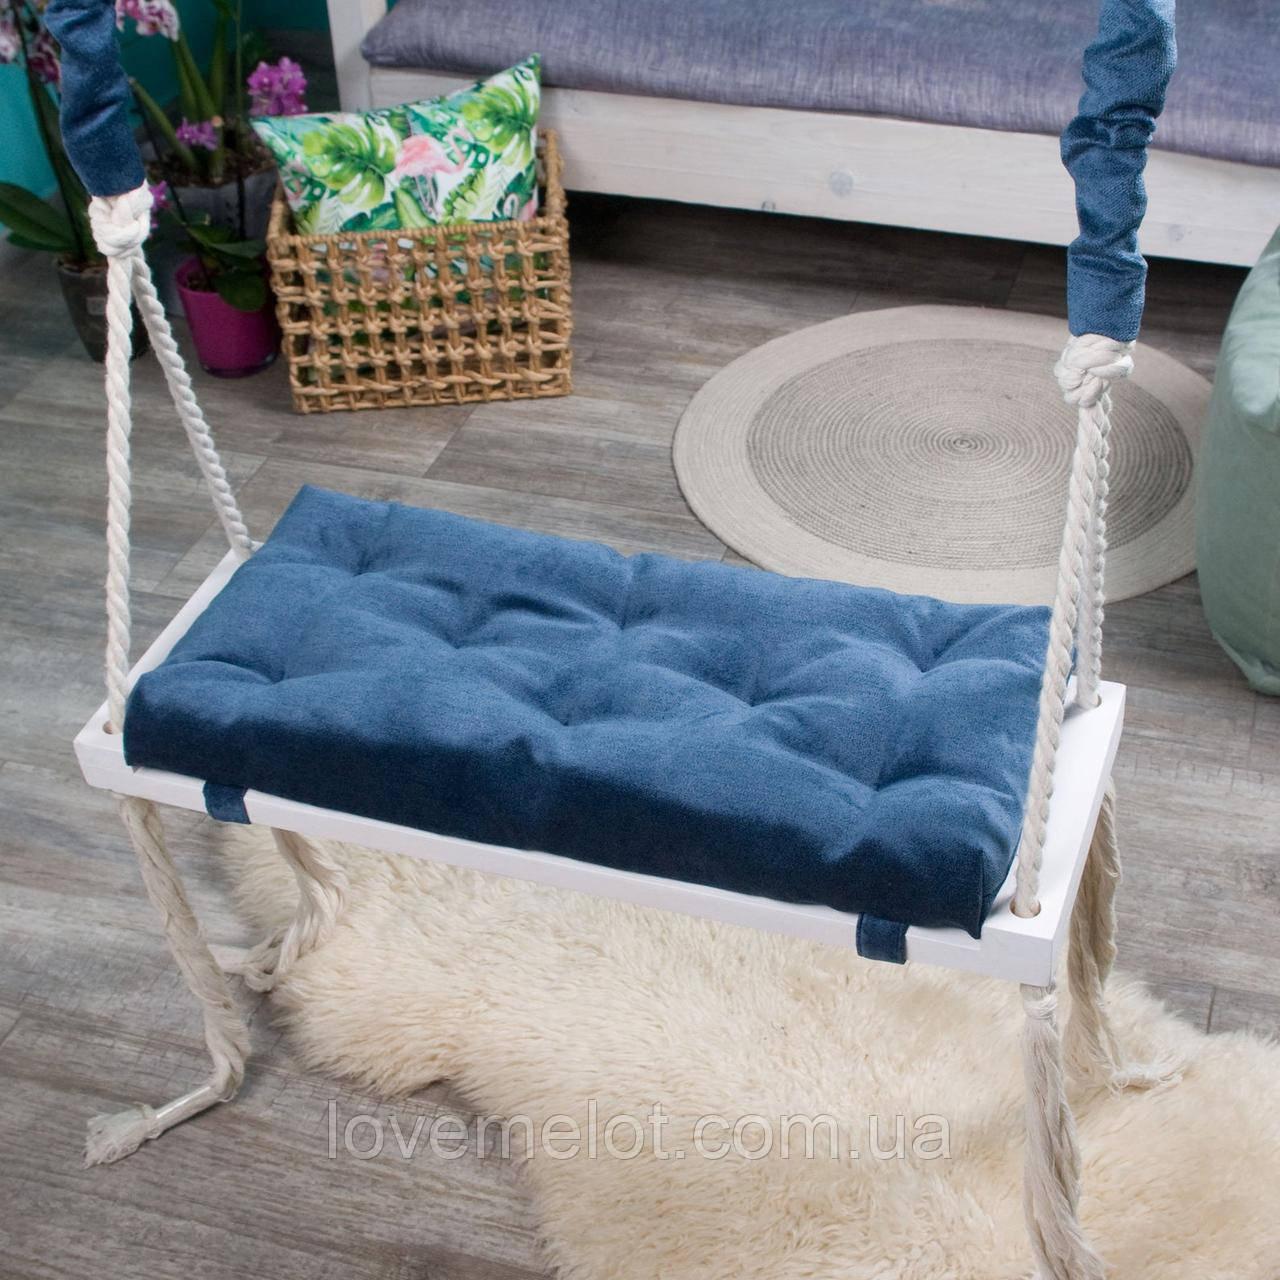 Большая деревянная подвесная качель 25*70см со сьемным сиденьем, качель для детей и взрослых